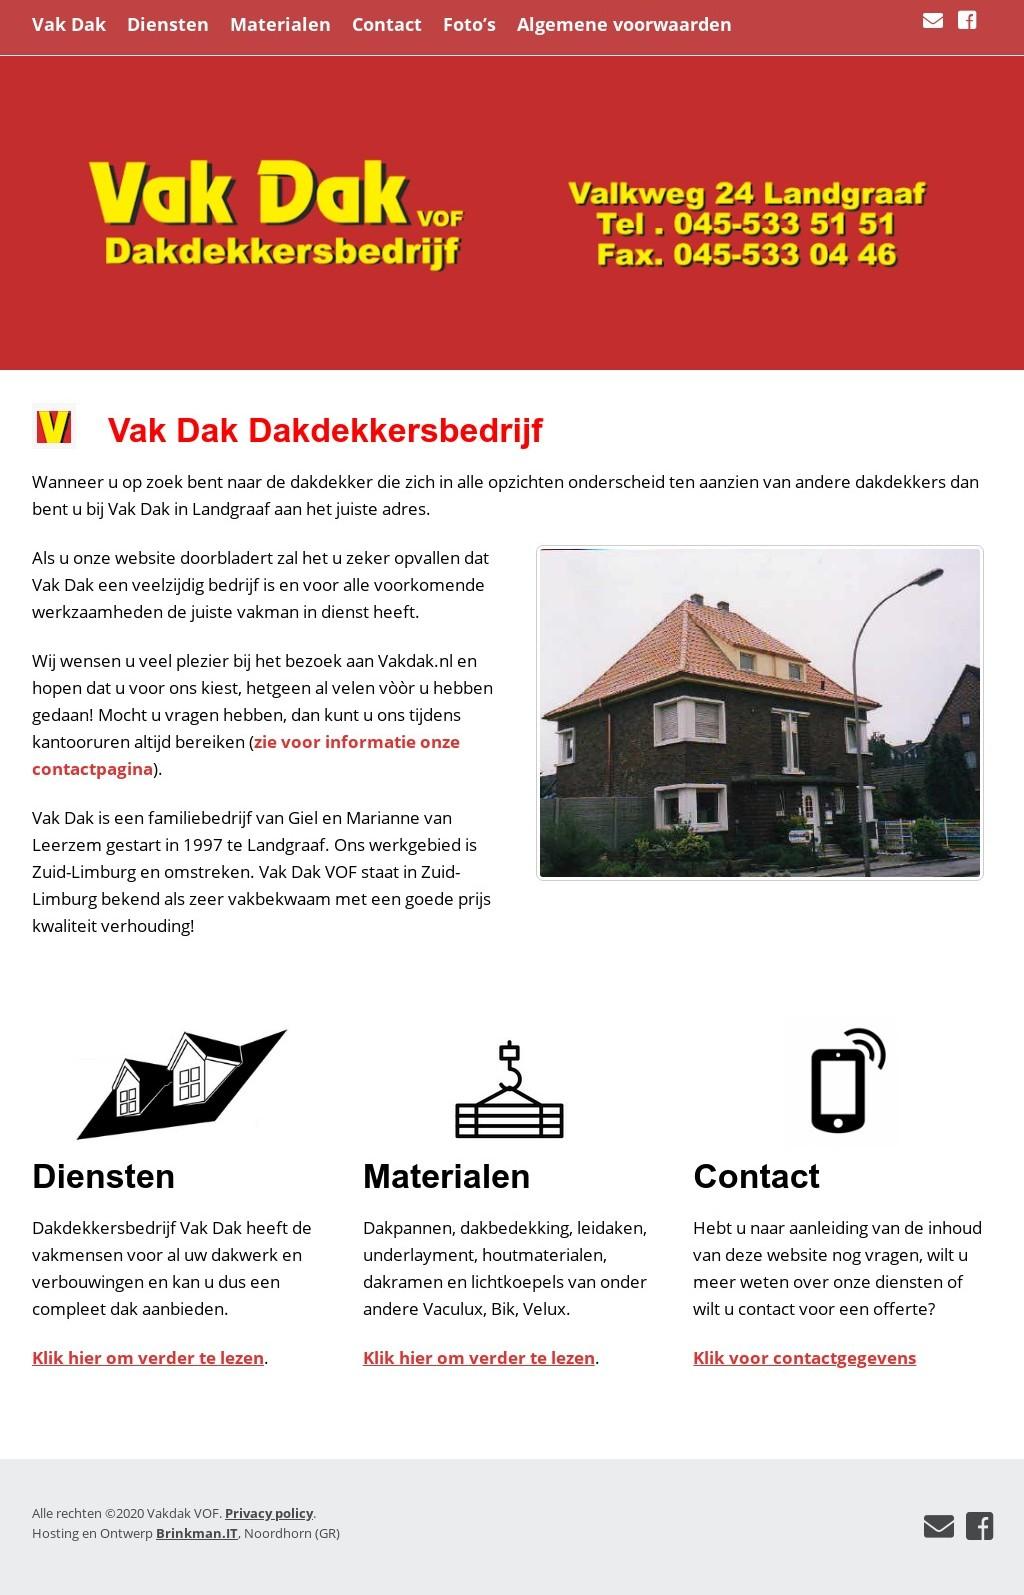 vakdak dakdekkersbedrijf landgraaf website ontwerp joomla wordpress migratie